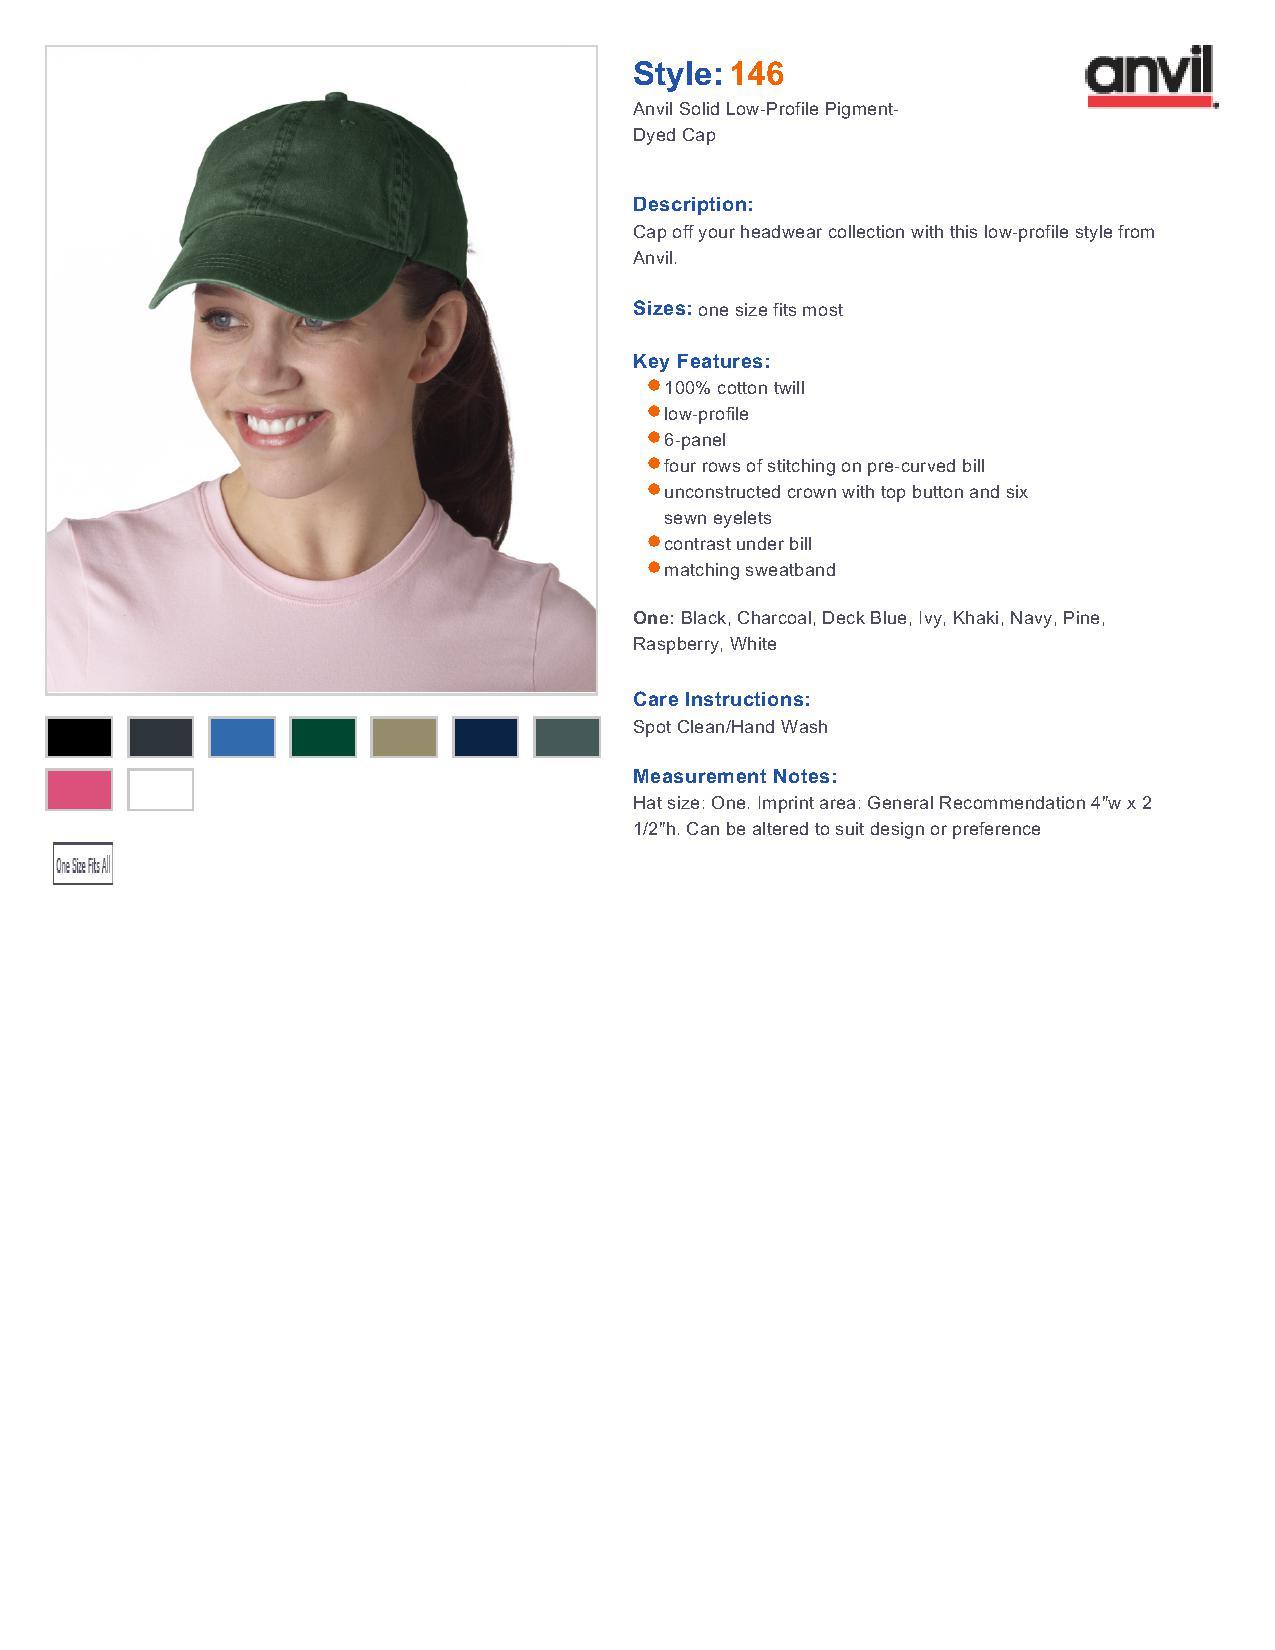 57c2fd61b783f Popular Designs. custom design of Anvil 146 Solid Pigment Dyed Cap